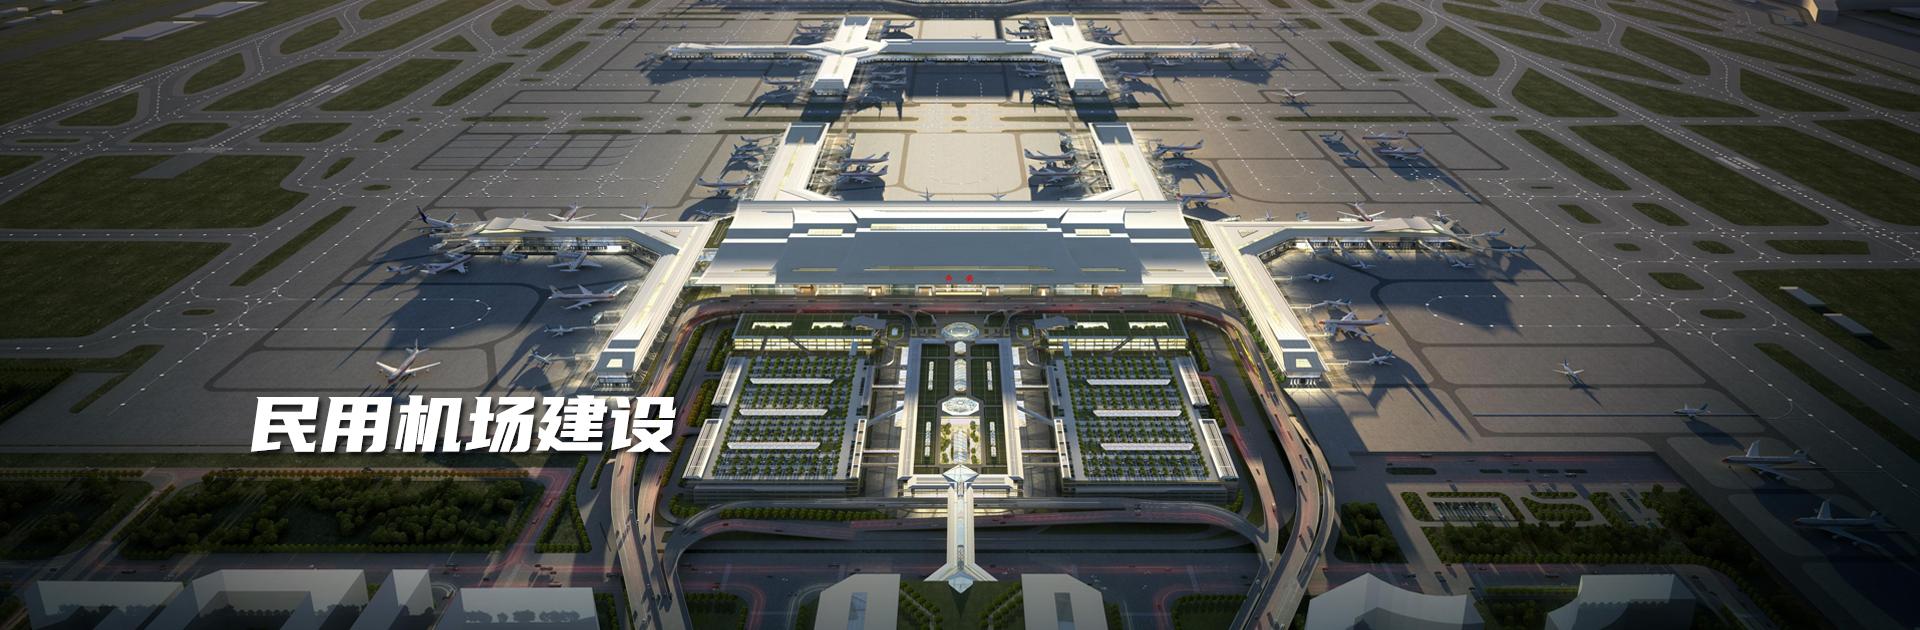 军用民用机场建设